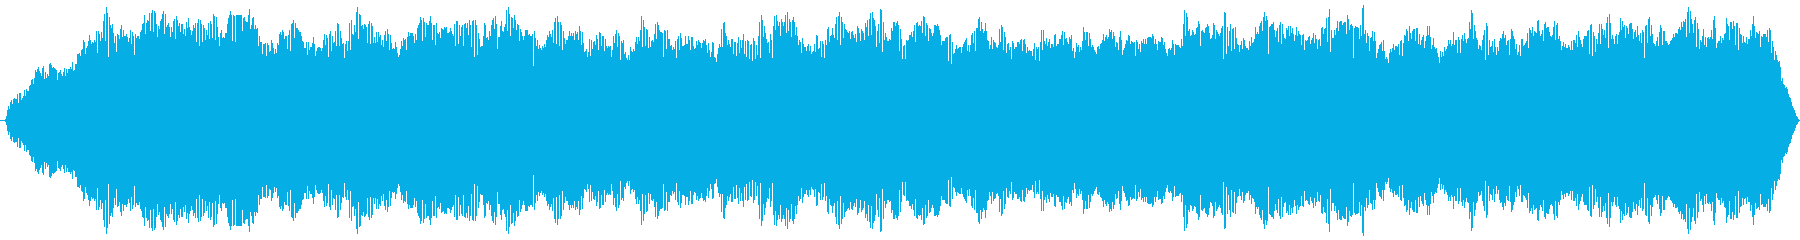 PADS リラクシングエネルギー05の再生済みの波形